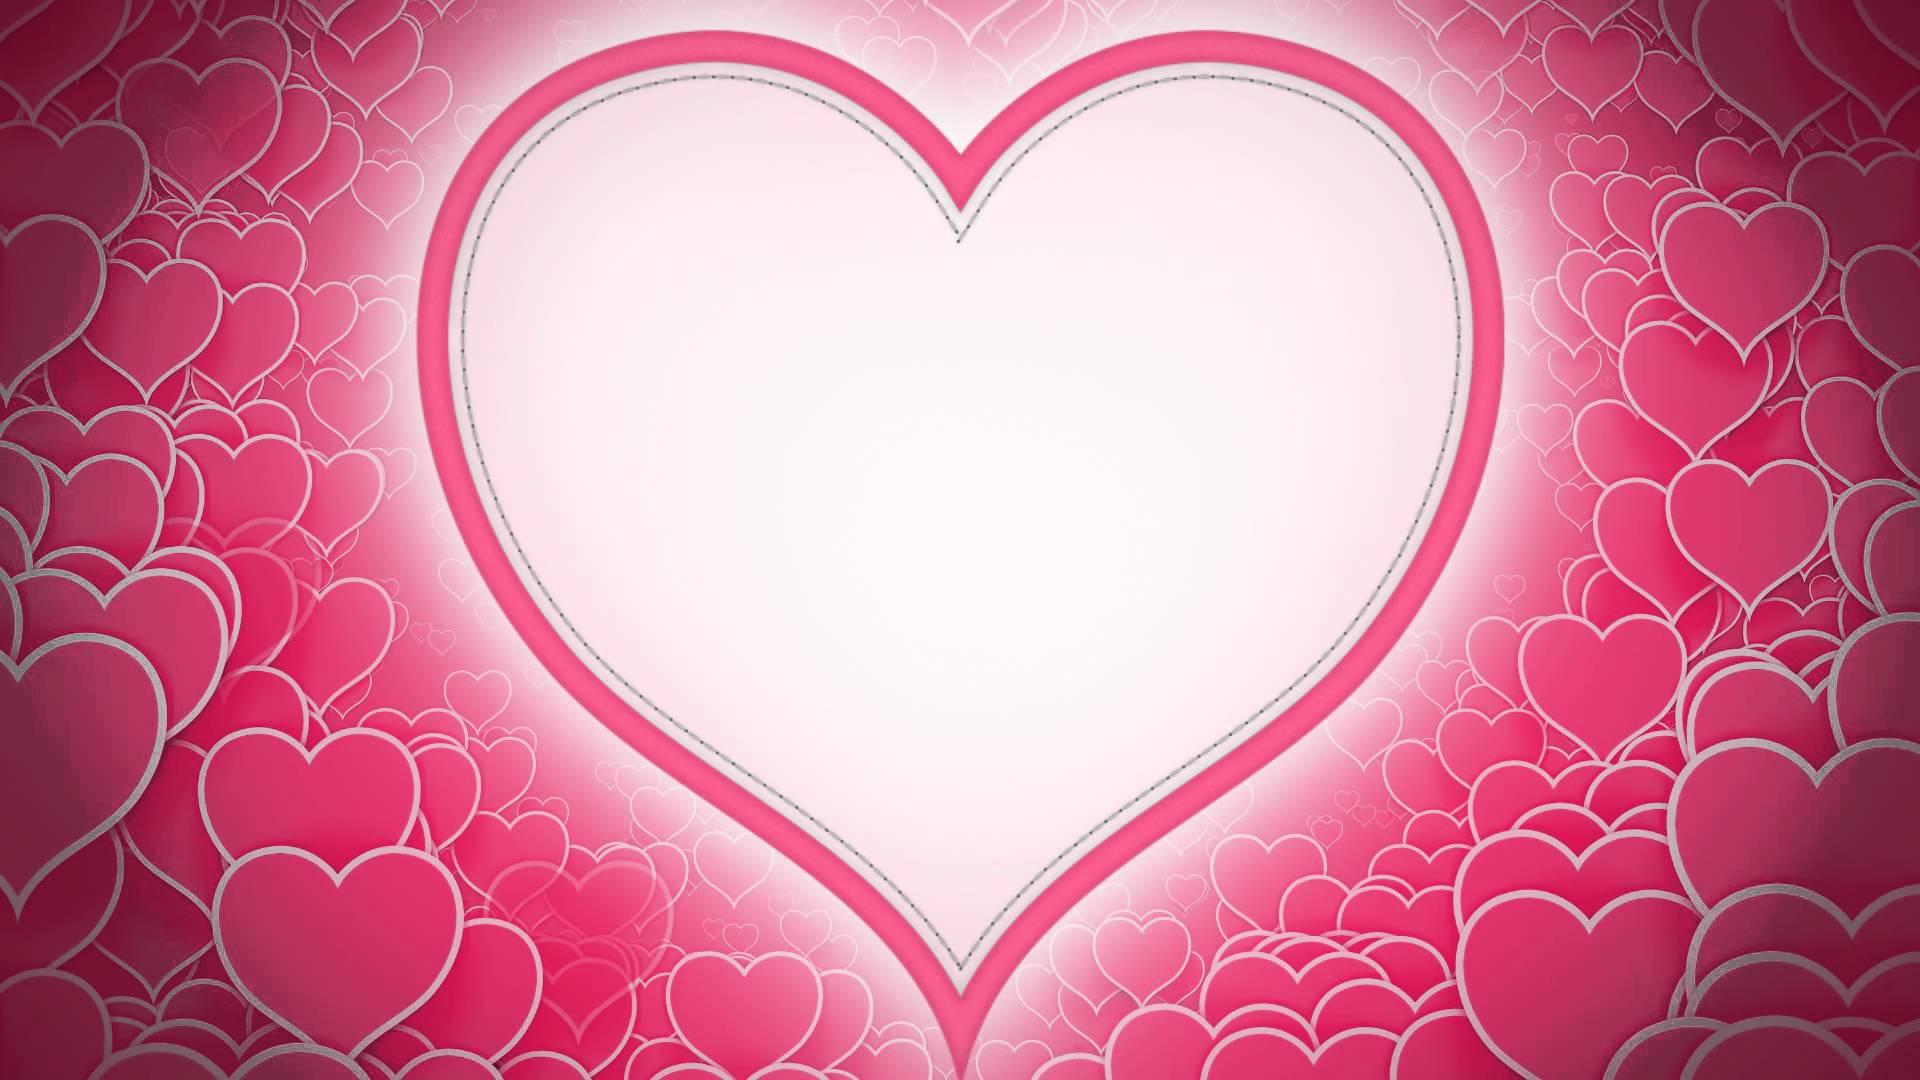 Imágenes De Corazones Con Frases De Amor Con Movimiento Y